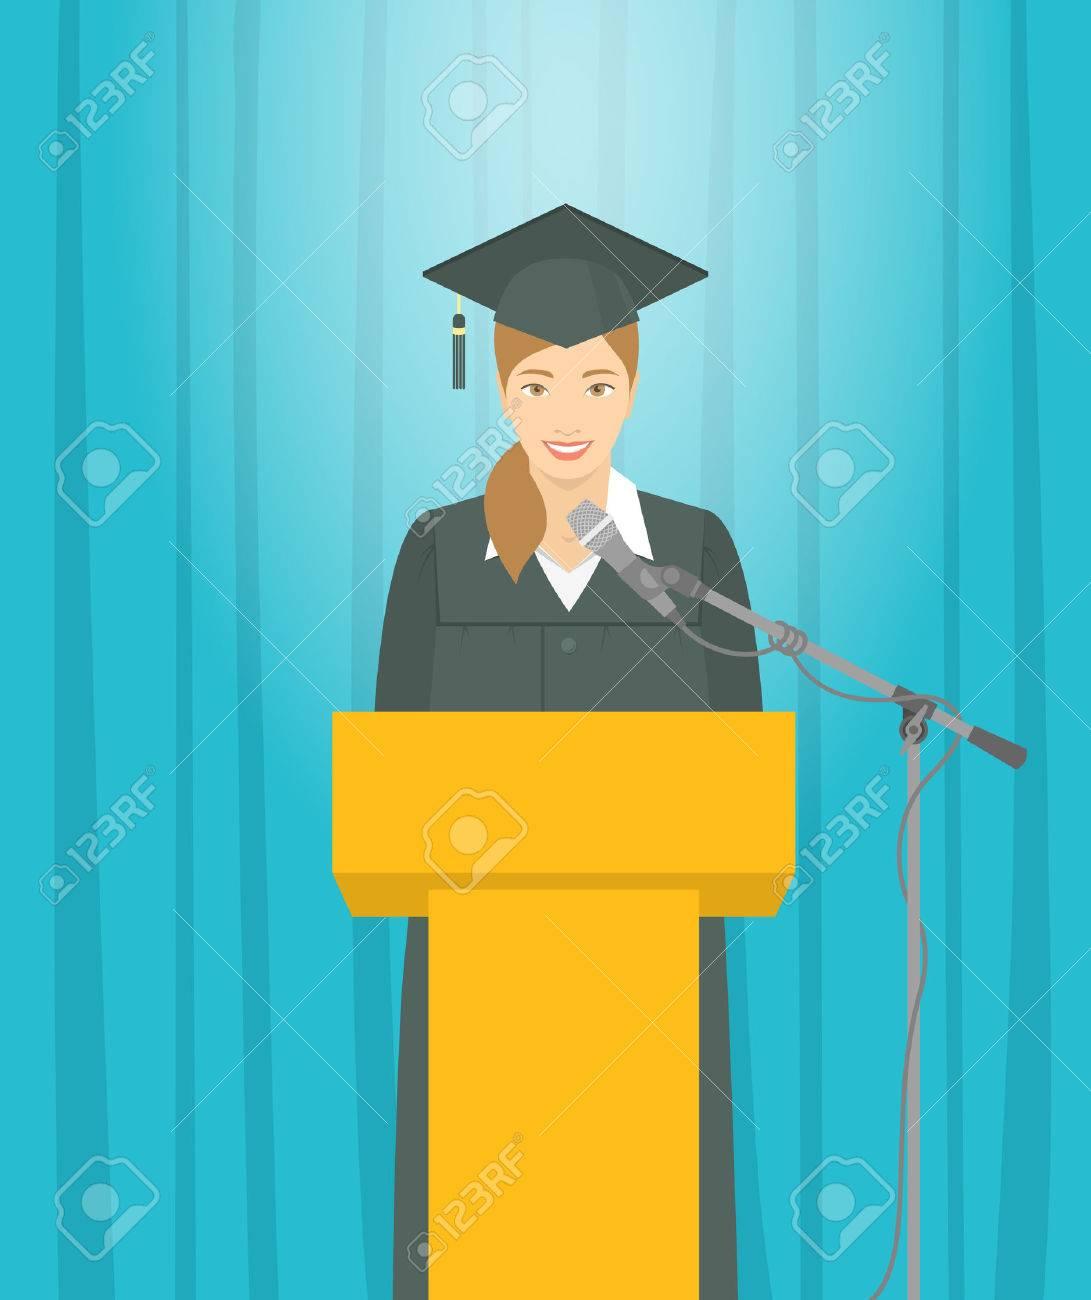 c1cf9585a Ceremonia Discurso De Graduación Plana Ilustración. Graduado De La Muchacha  Asiática Sonriente Joven En Un Vestido Y Un Birrete Se Sitúa En Un Podio Y  Da Un ...